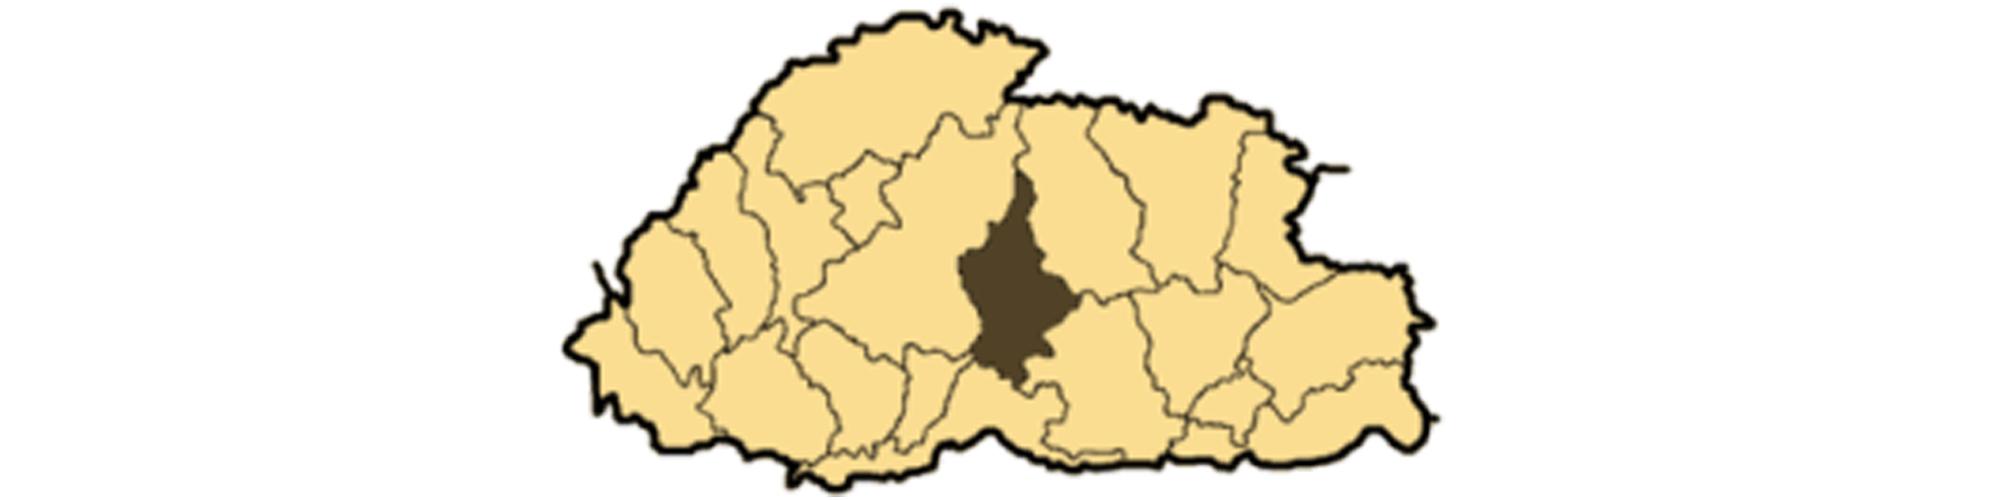 Trongsa